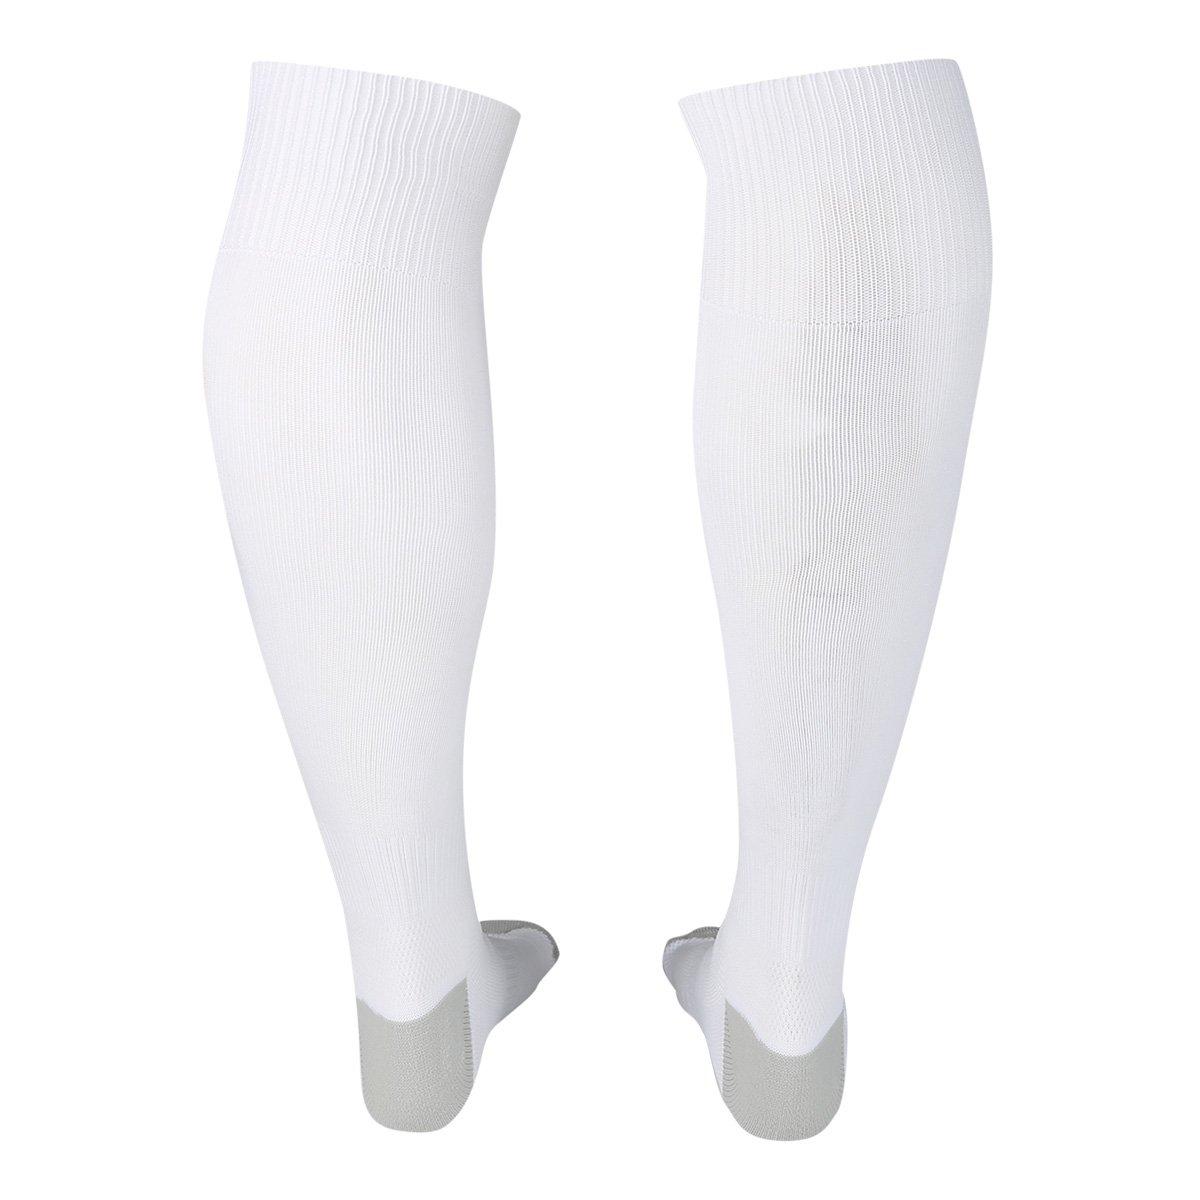 eefa2ececa Meião Adidas Milano 16 - Branco e Preto - Compre Agora